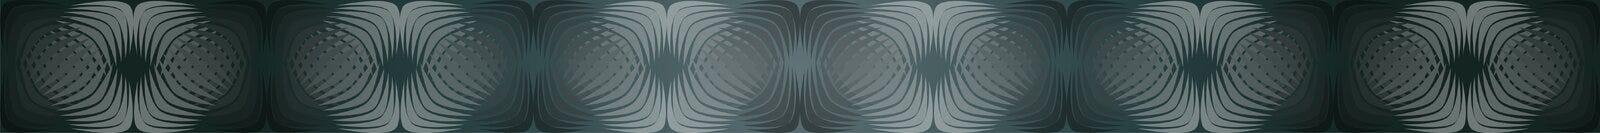 Geometrische patronen met gradiëntvulling 3 Royalty-vrije Stock Afbeelding